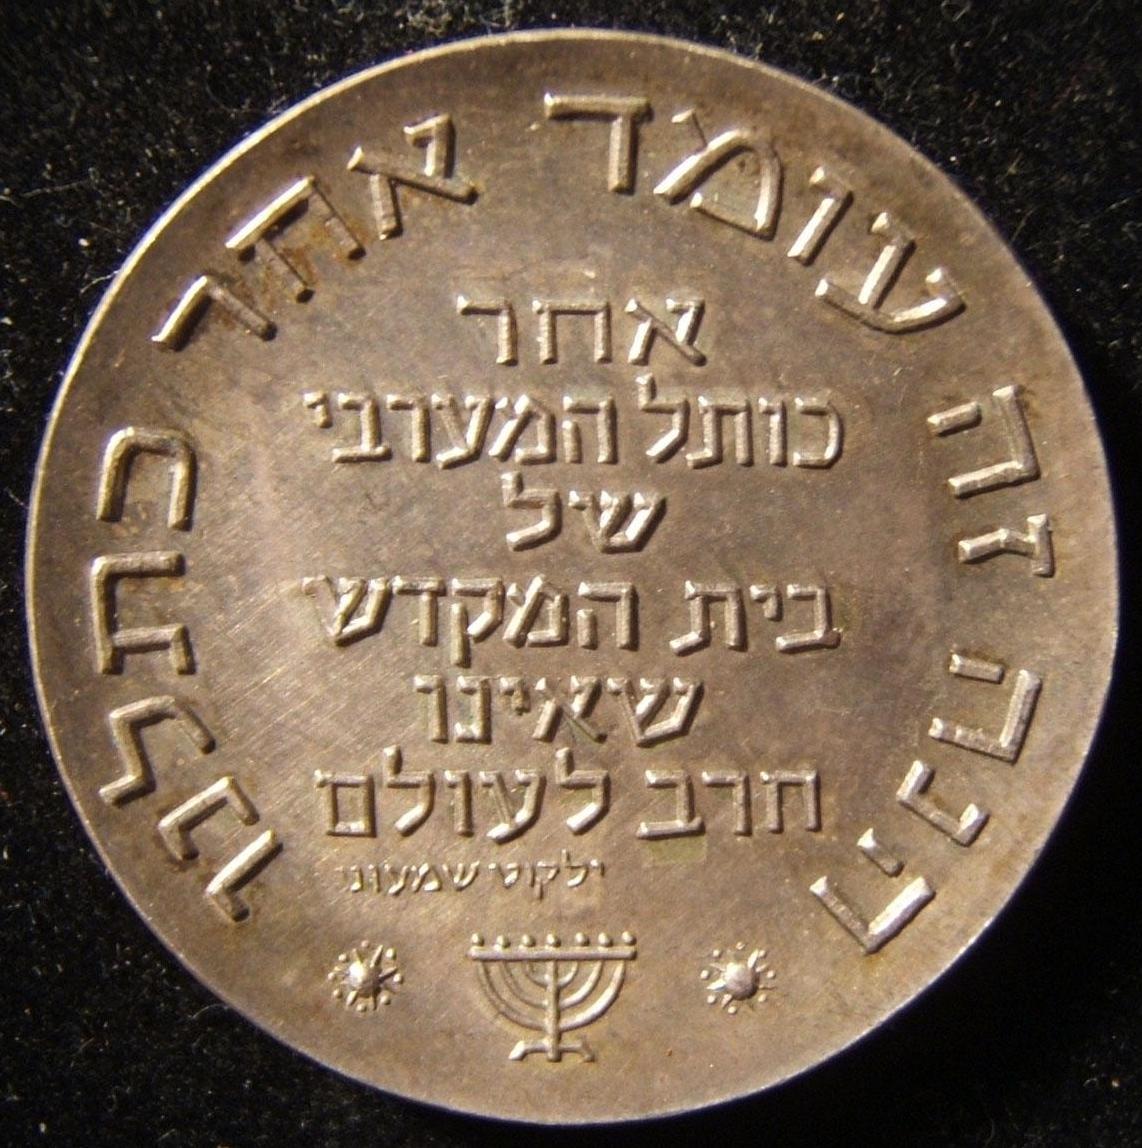 Israeli 9th of Av silver art Judaica medal by Kretchmer